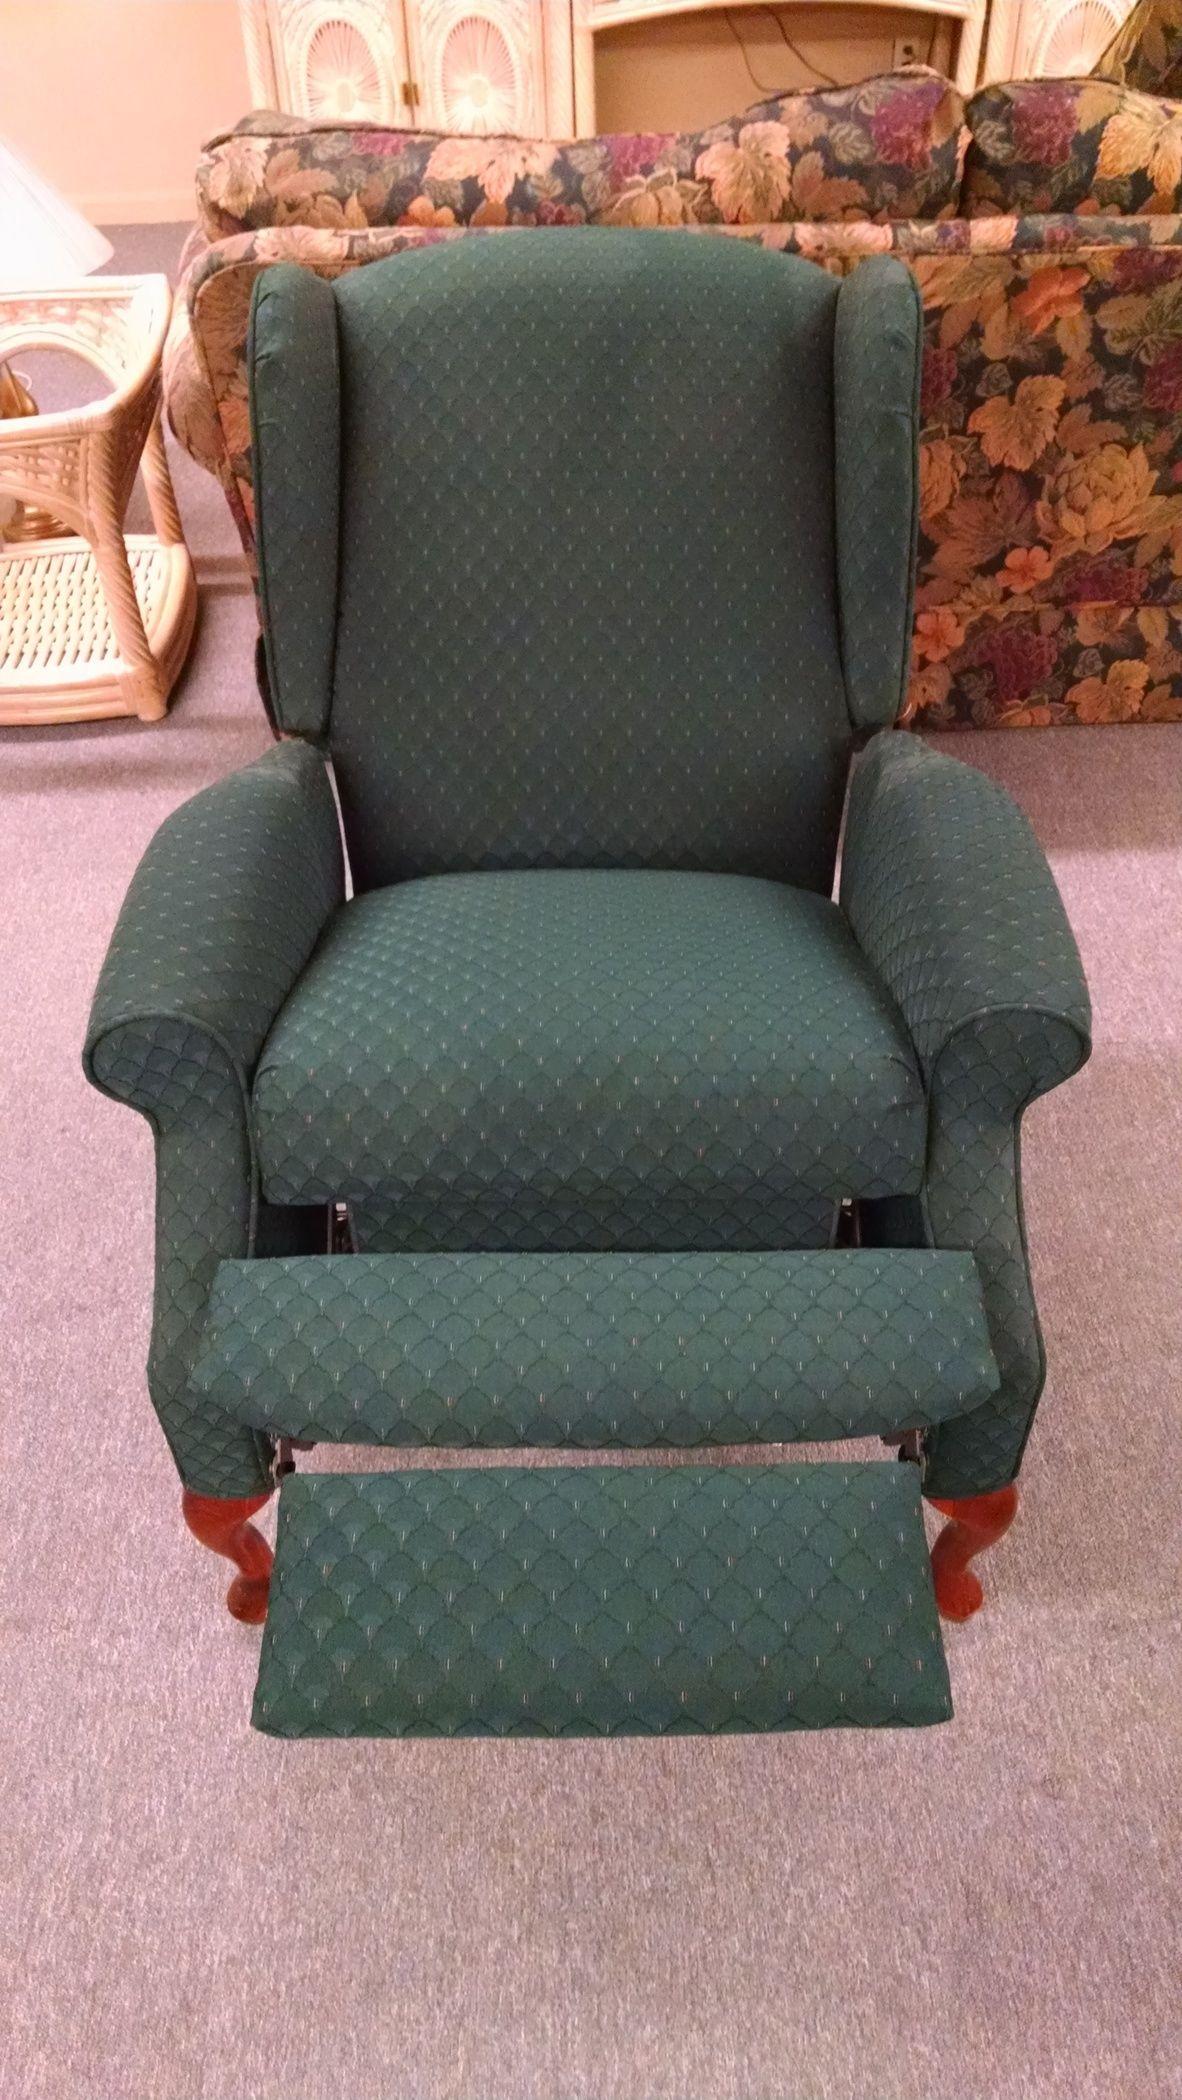 Broyhill Hi Leg Recliners Delmarva Furniture Consignment